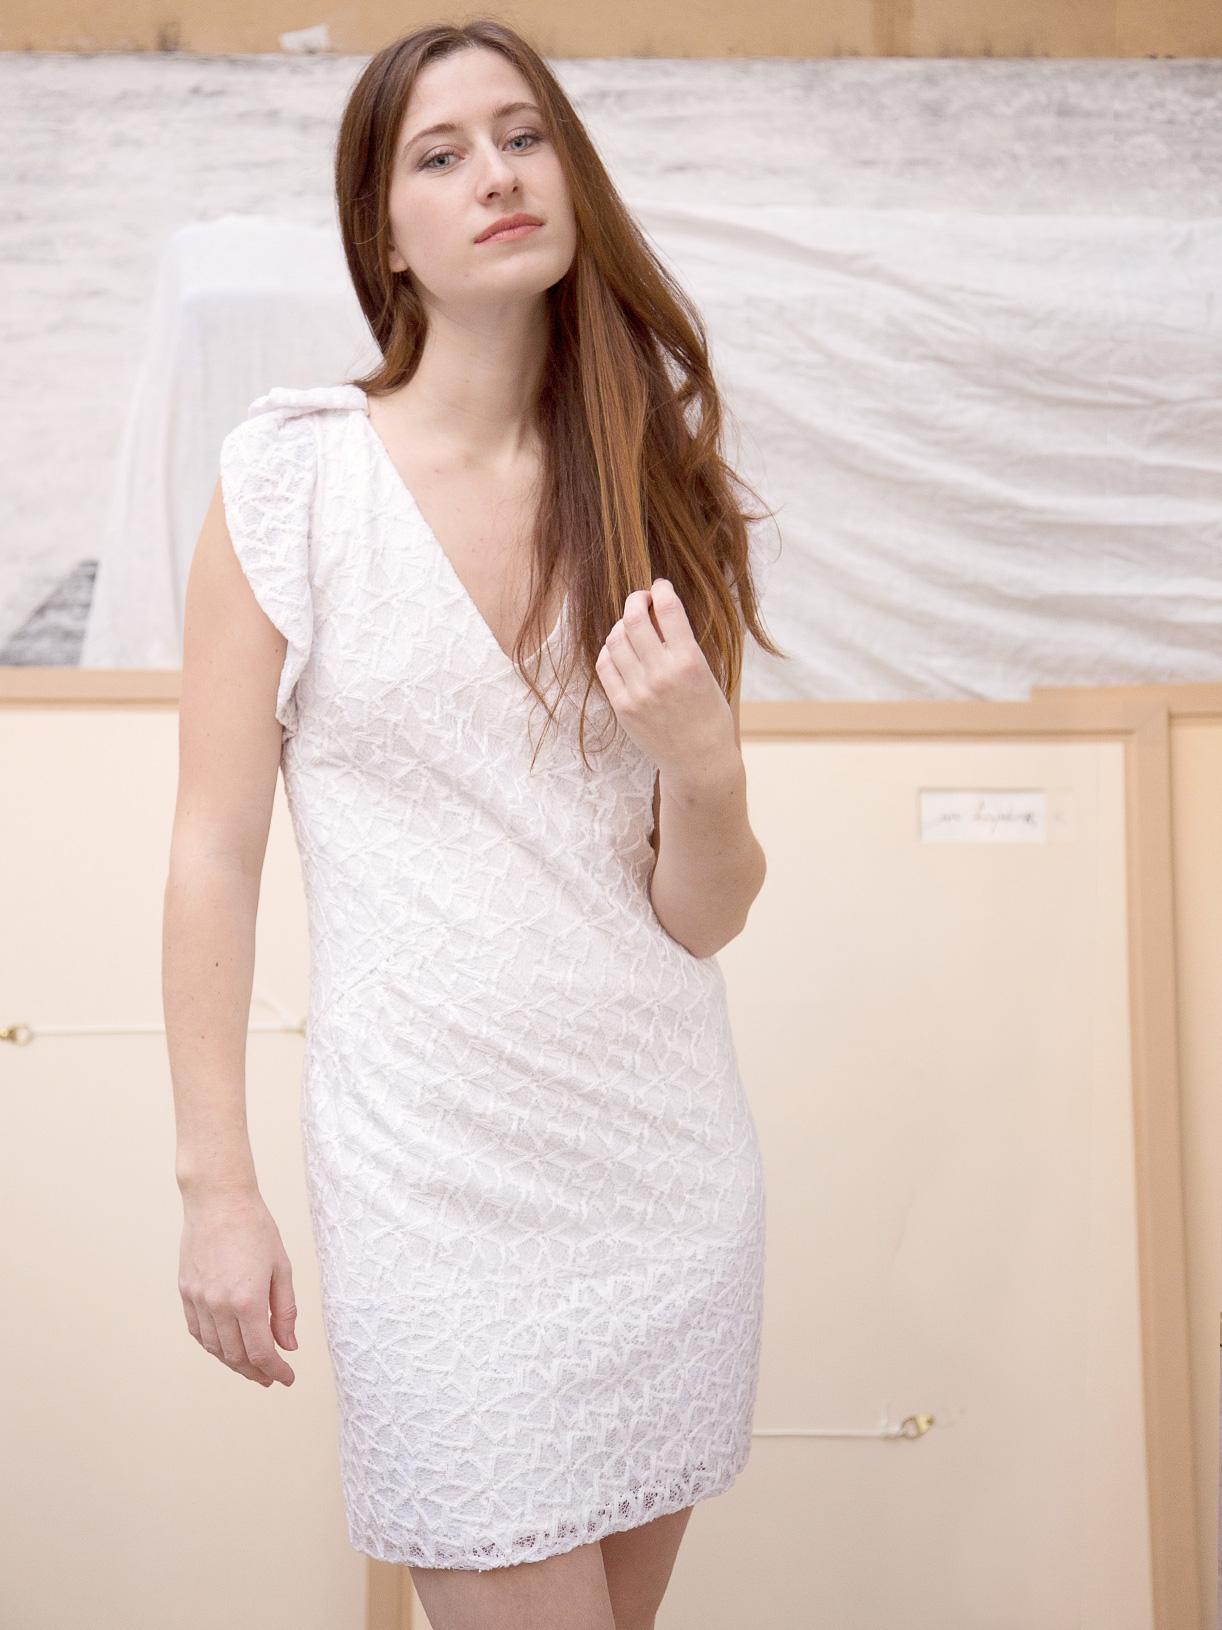 JULIETTE - Robe pour mariage civil courte en dentelle ethique et bio - Myphilosophy